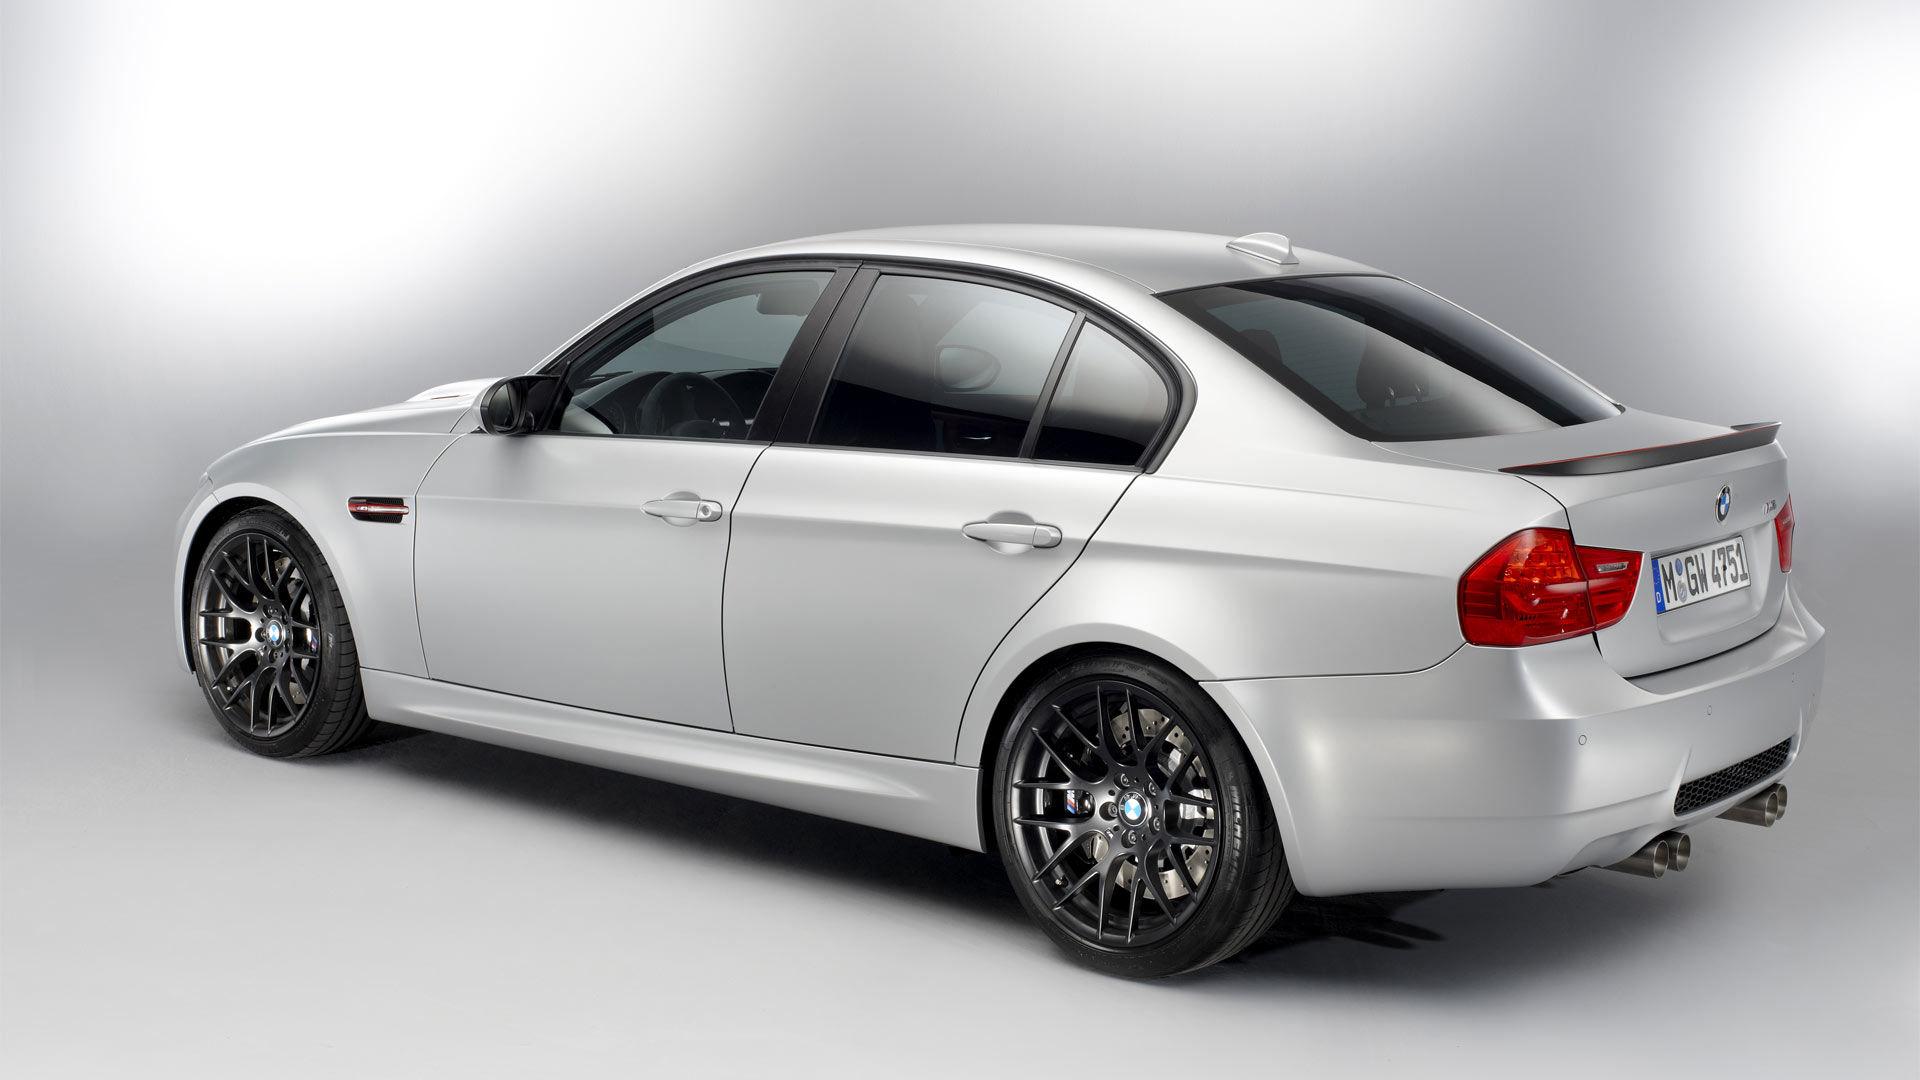 2011 BMW M3 CTR